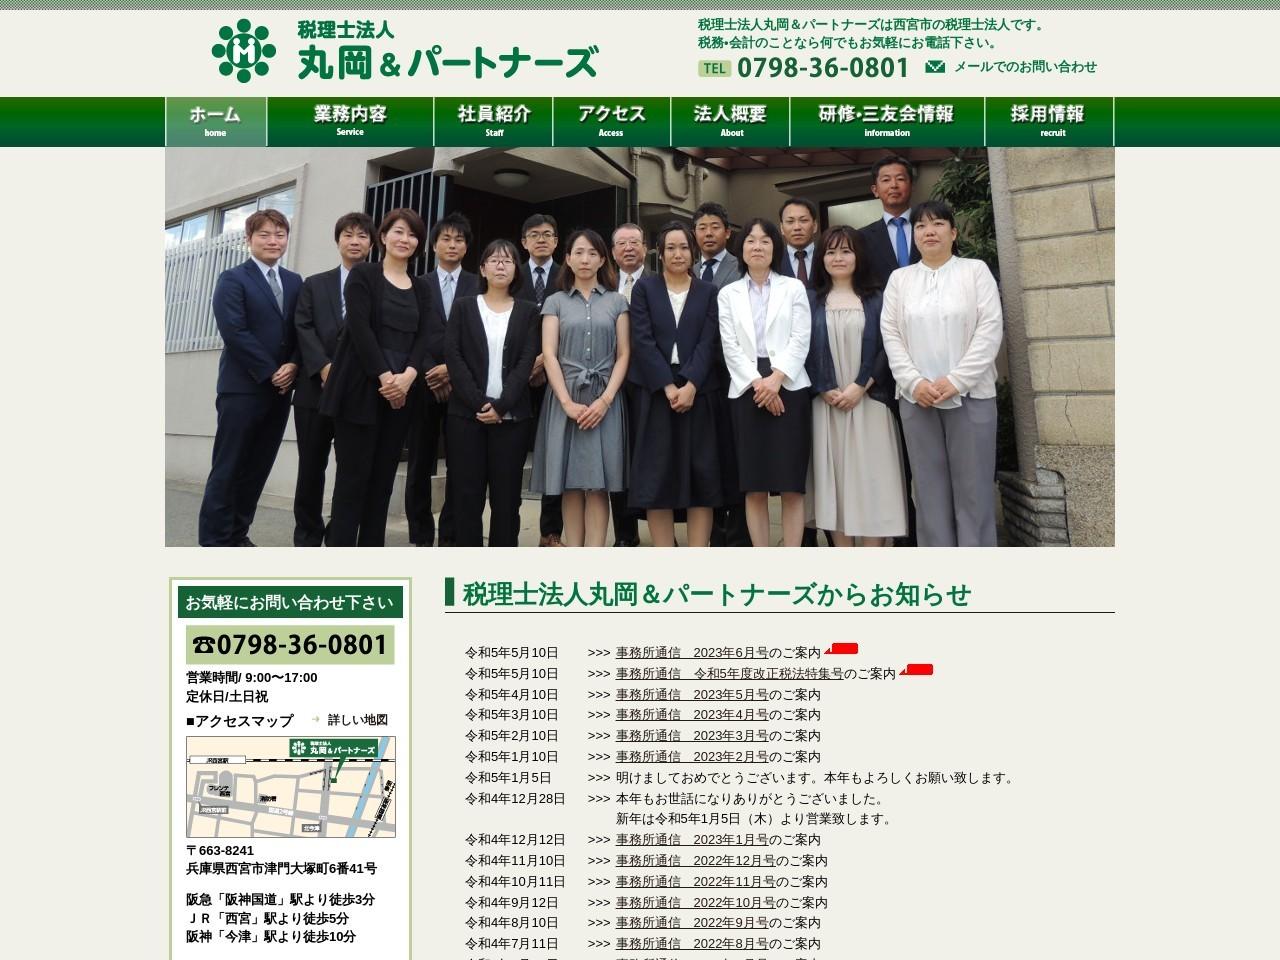 丸岡&パートナーズ(税理士法人)